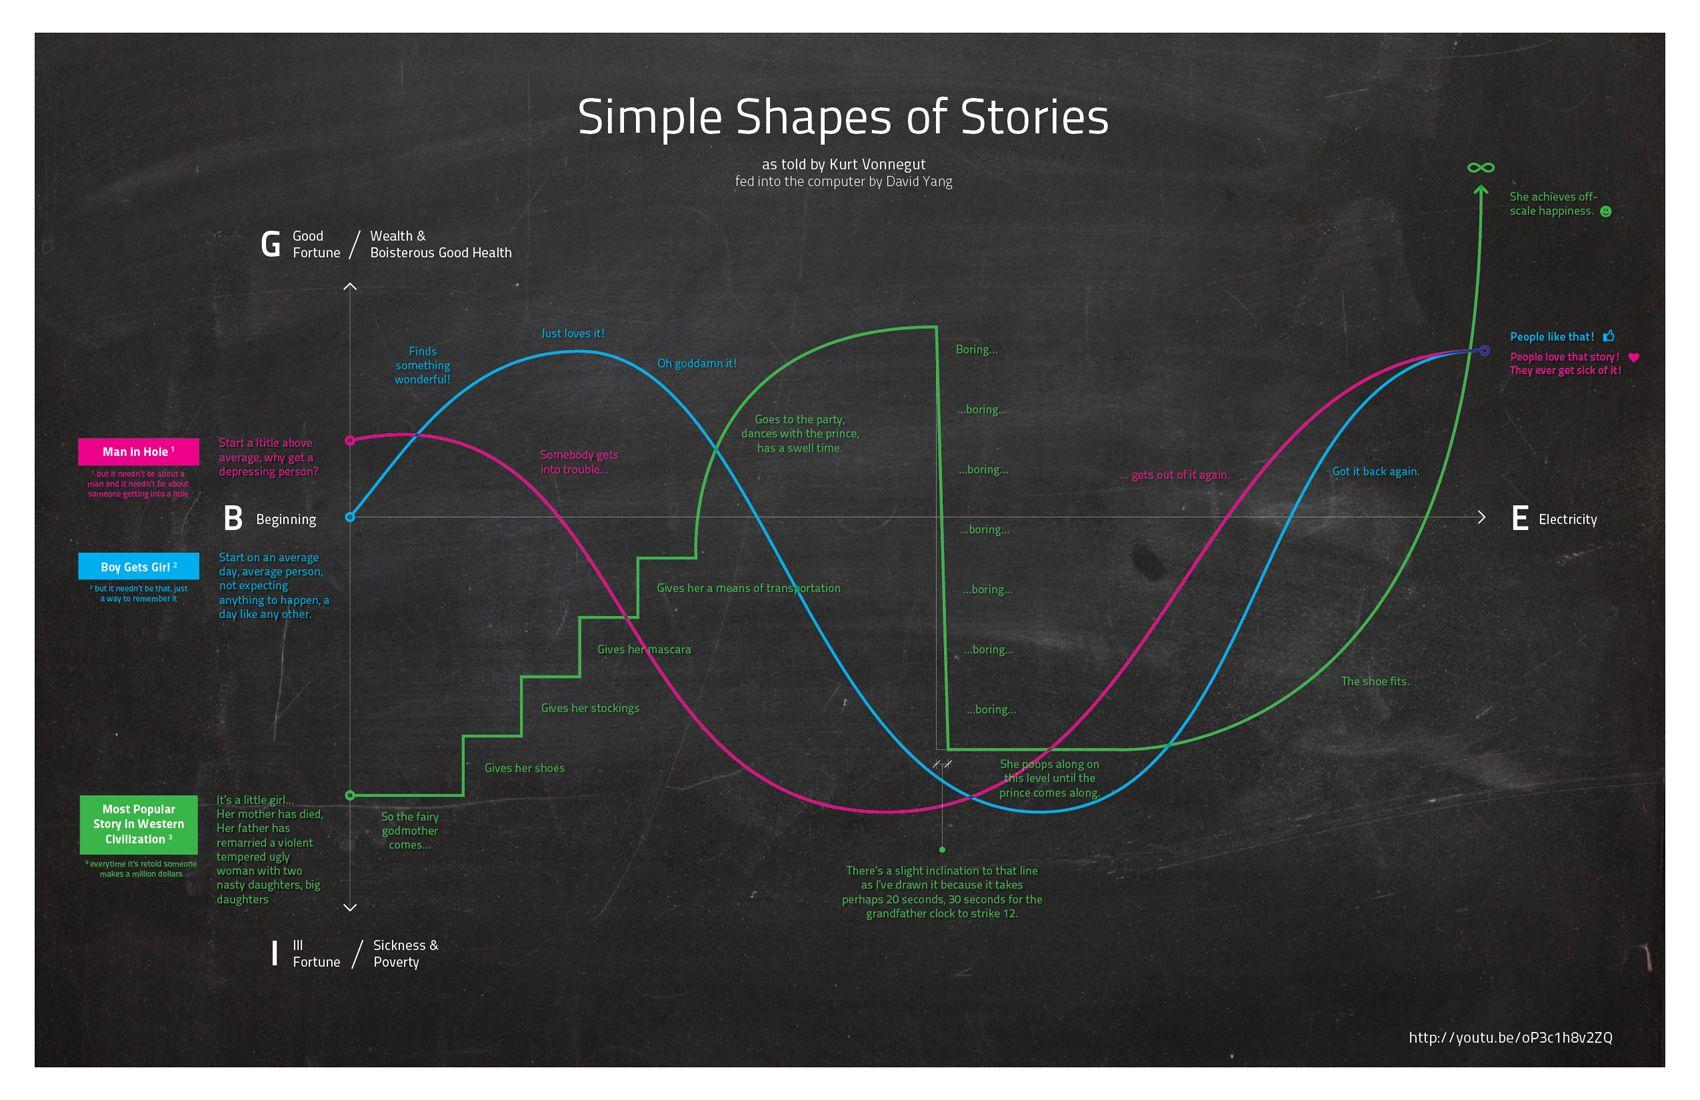 Kurt Vonnegut On The Shapes Of Stories Kurt Vonnegut Story Structure Simple Shapes